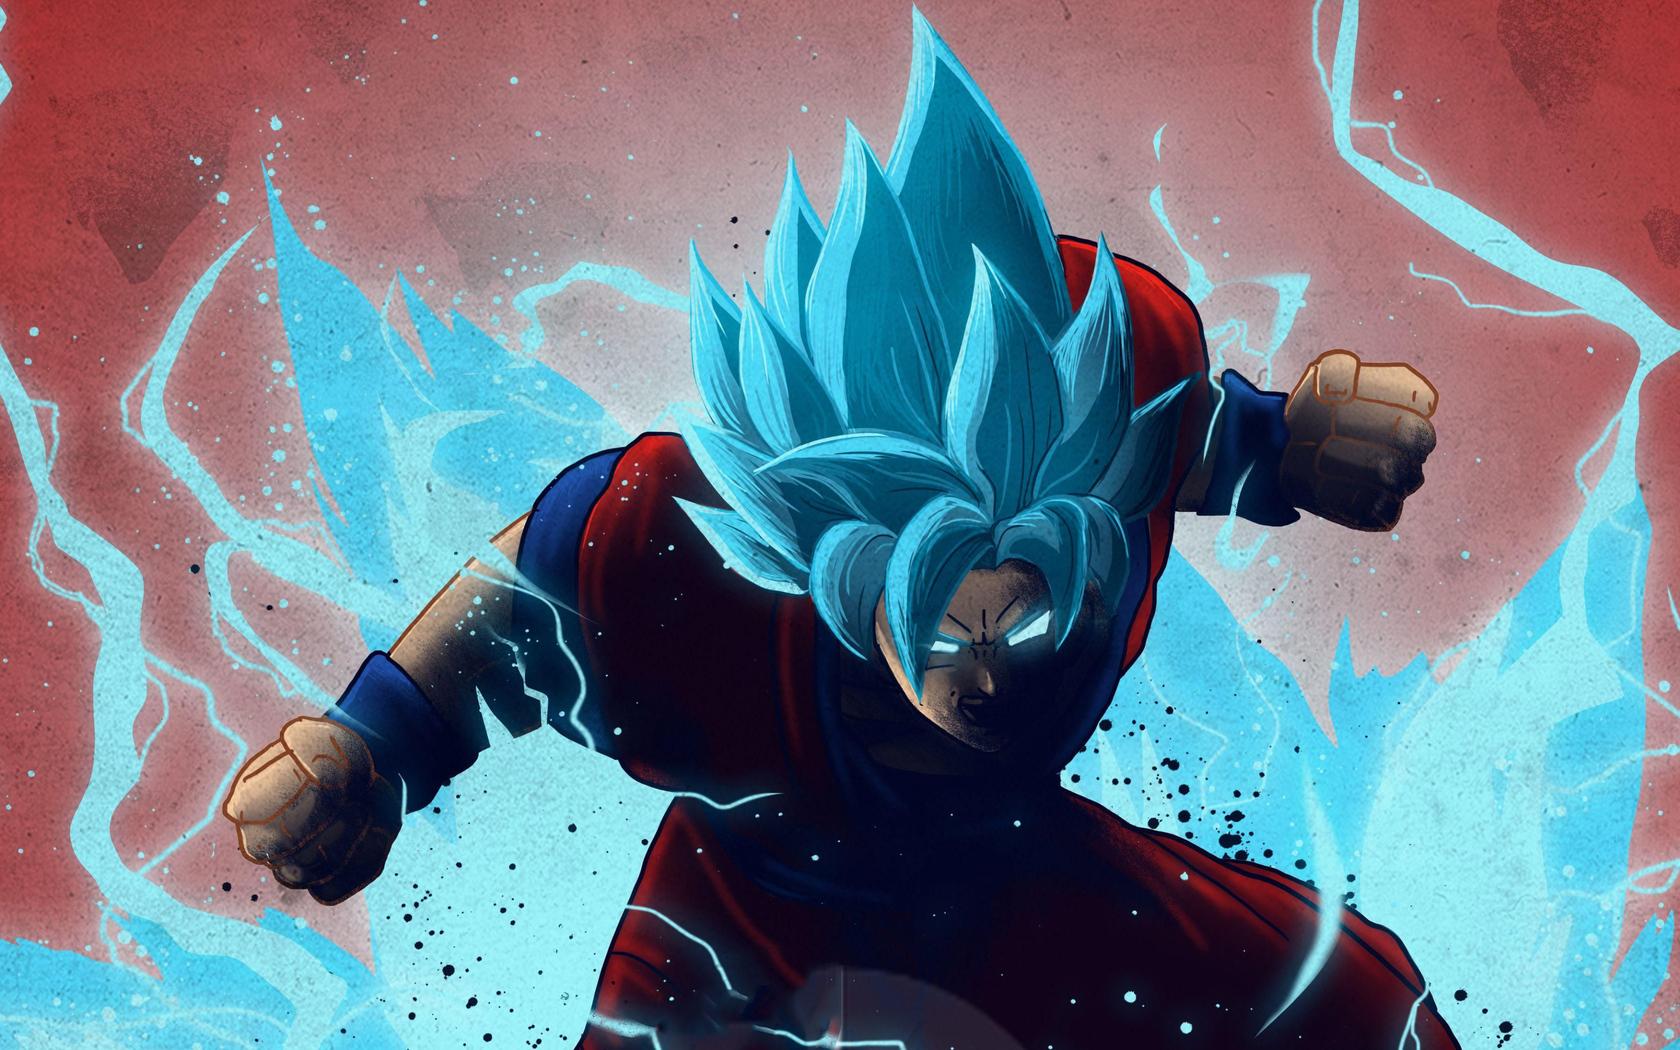 1680x1050 Goku Anime 4k 1680x1050 Resolution Hd 4k Wallpapers